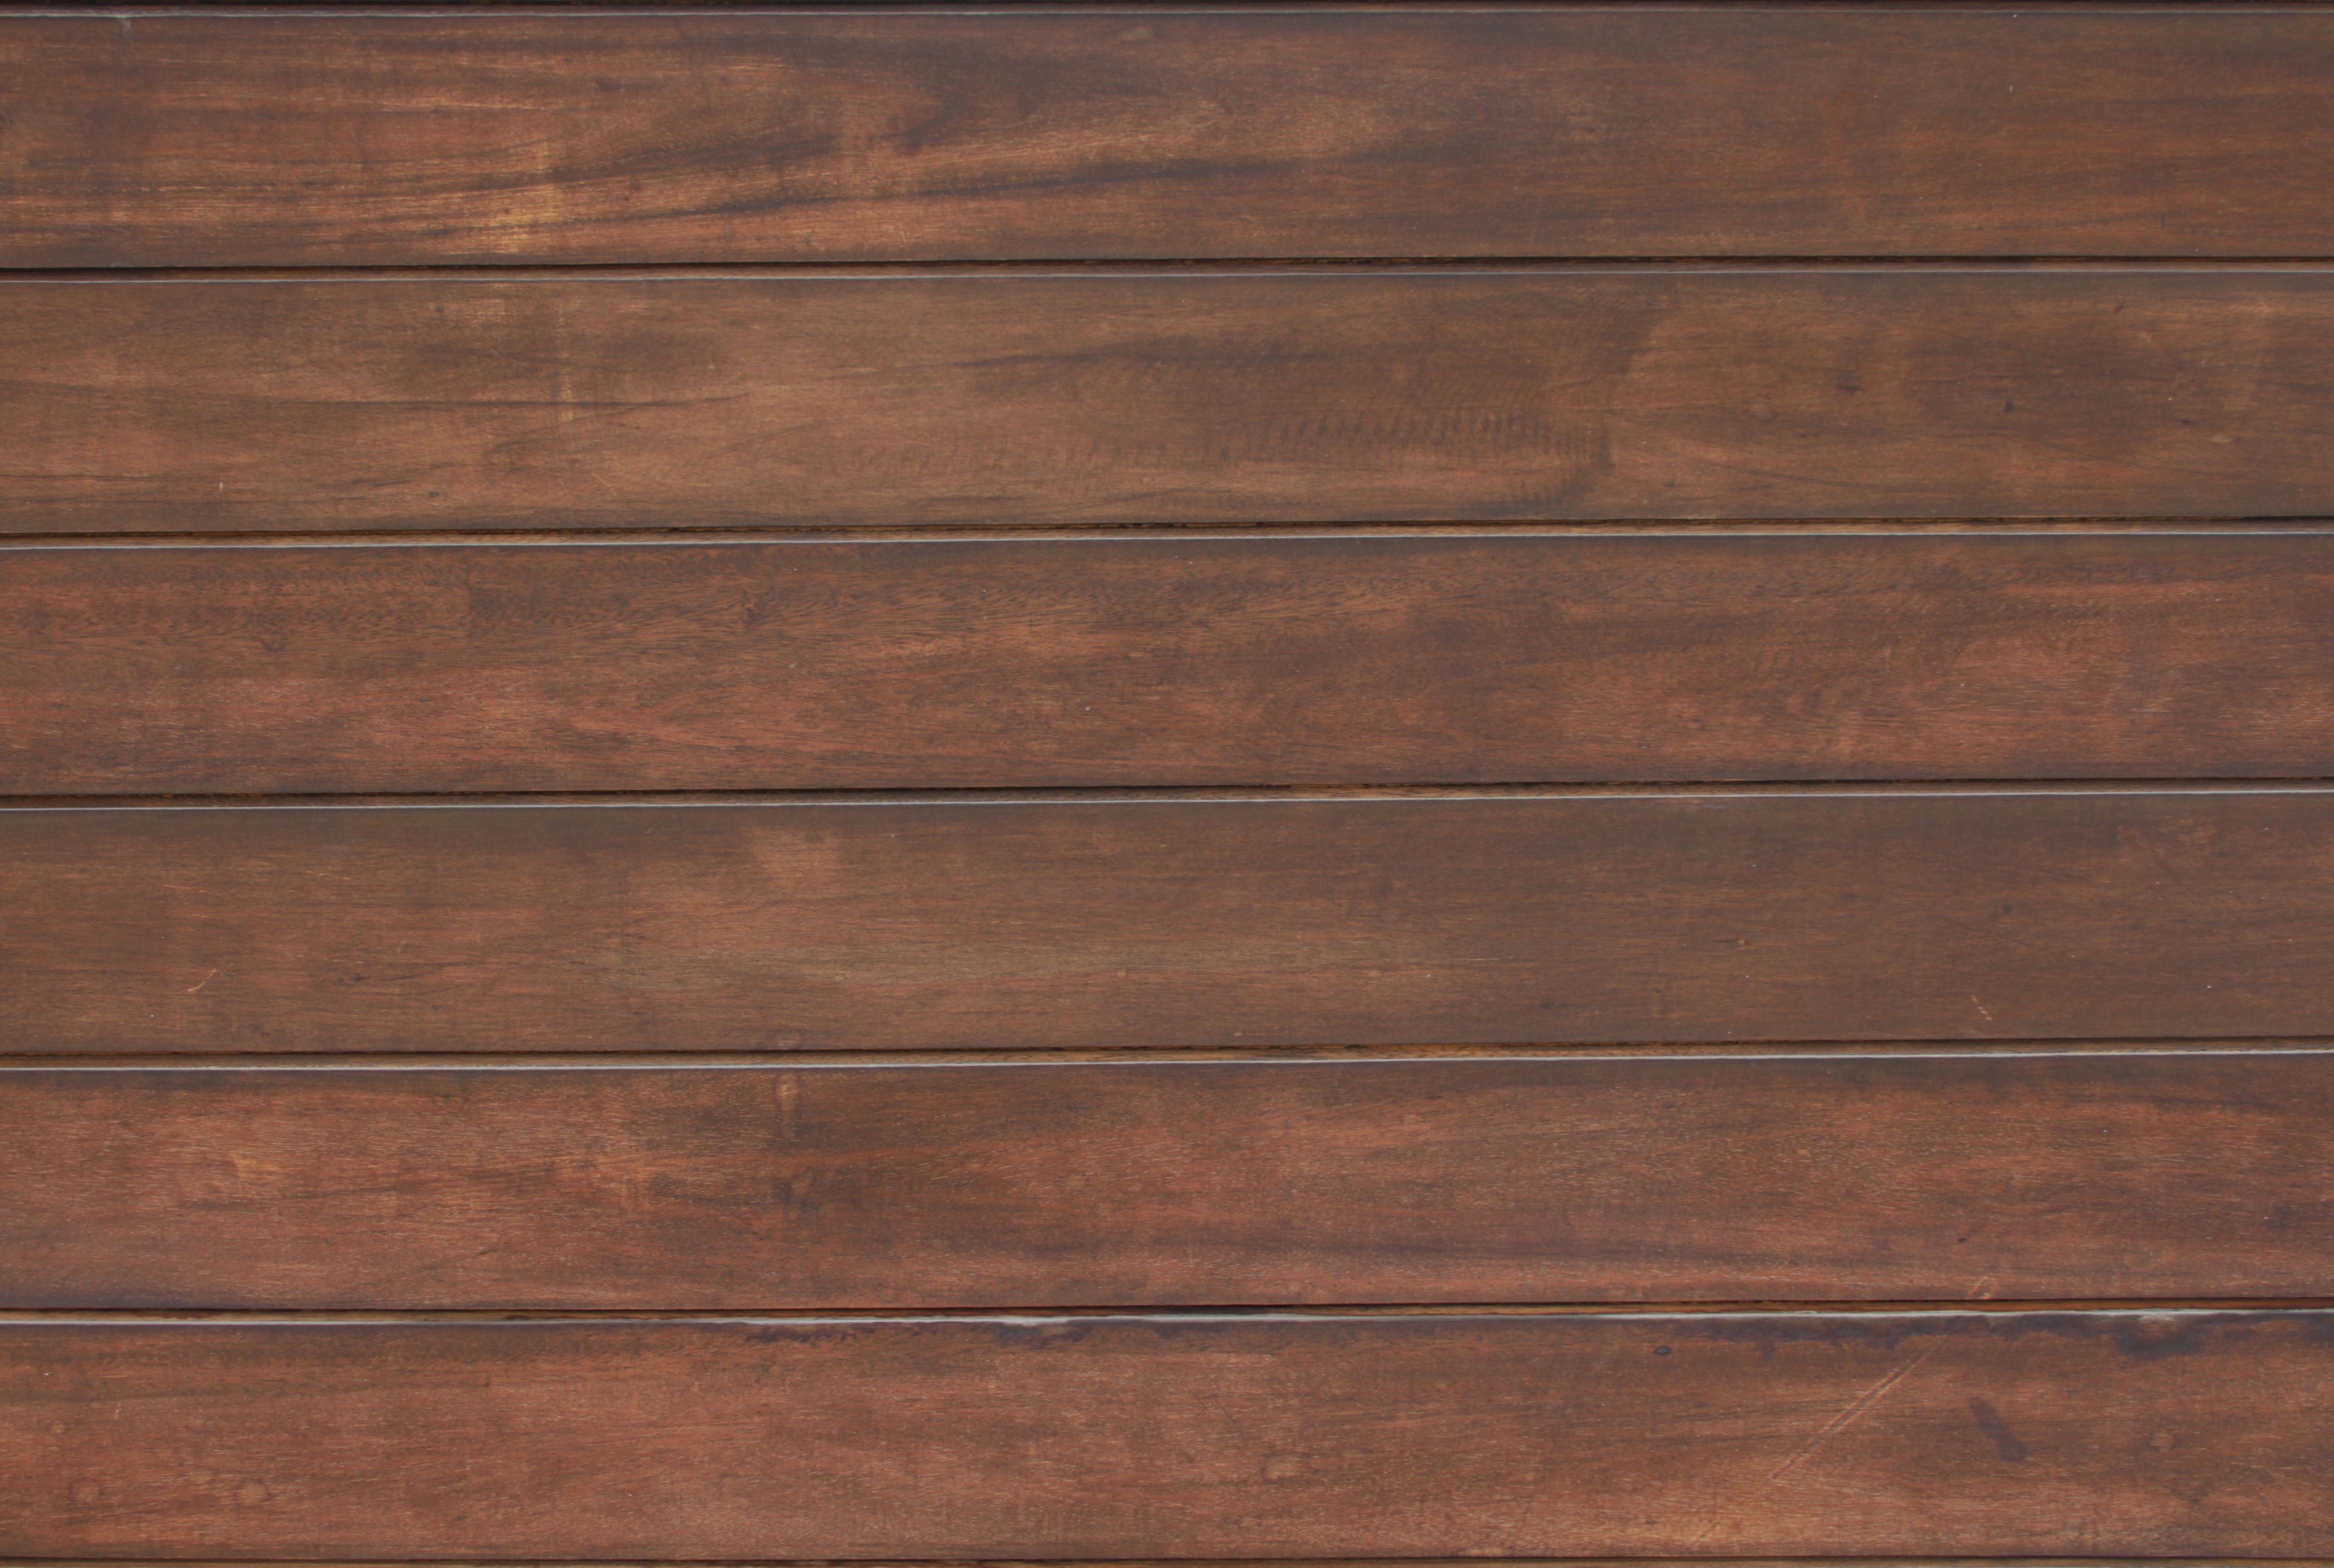 Dark Wood Paneling Texture - 14Textures